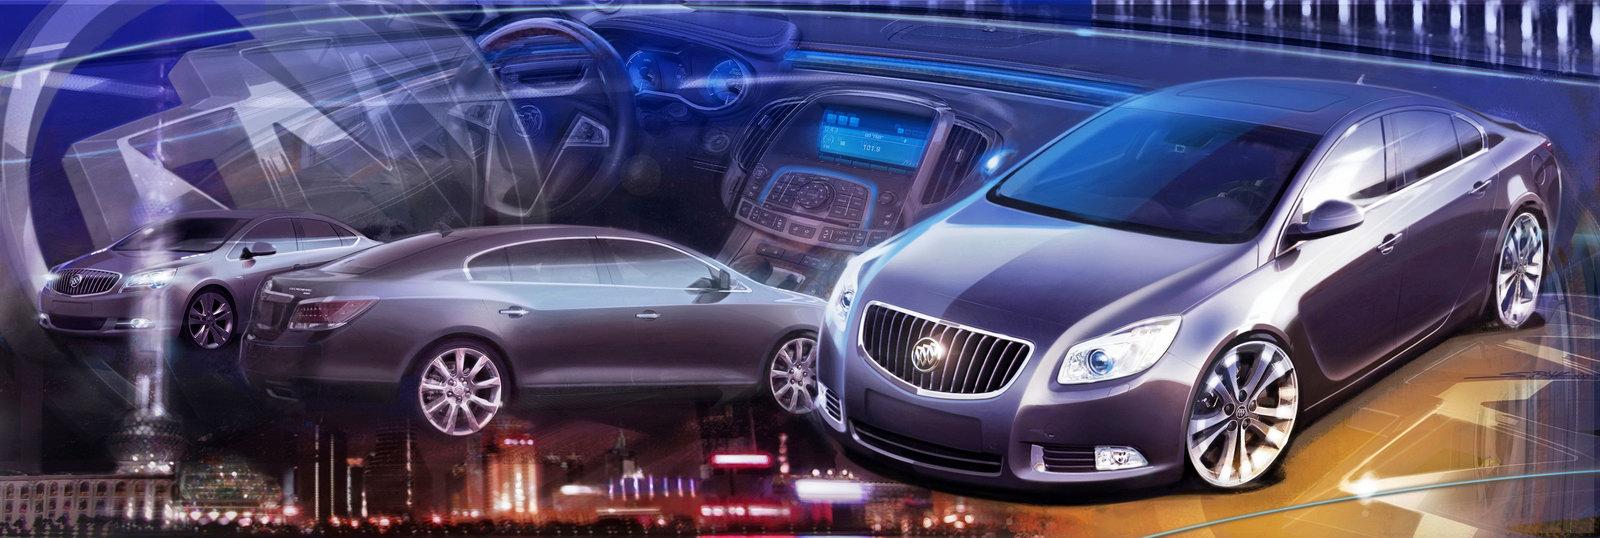 [2011-Buick-Compact-Sedan-2.jpg]